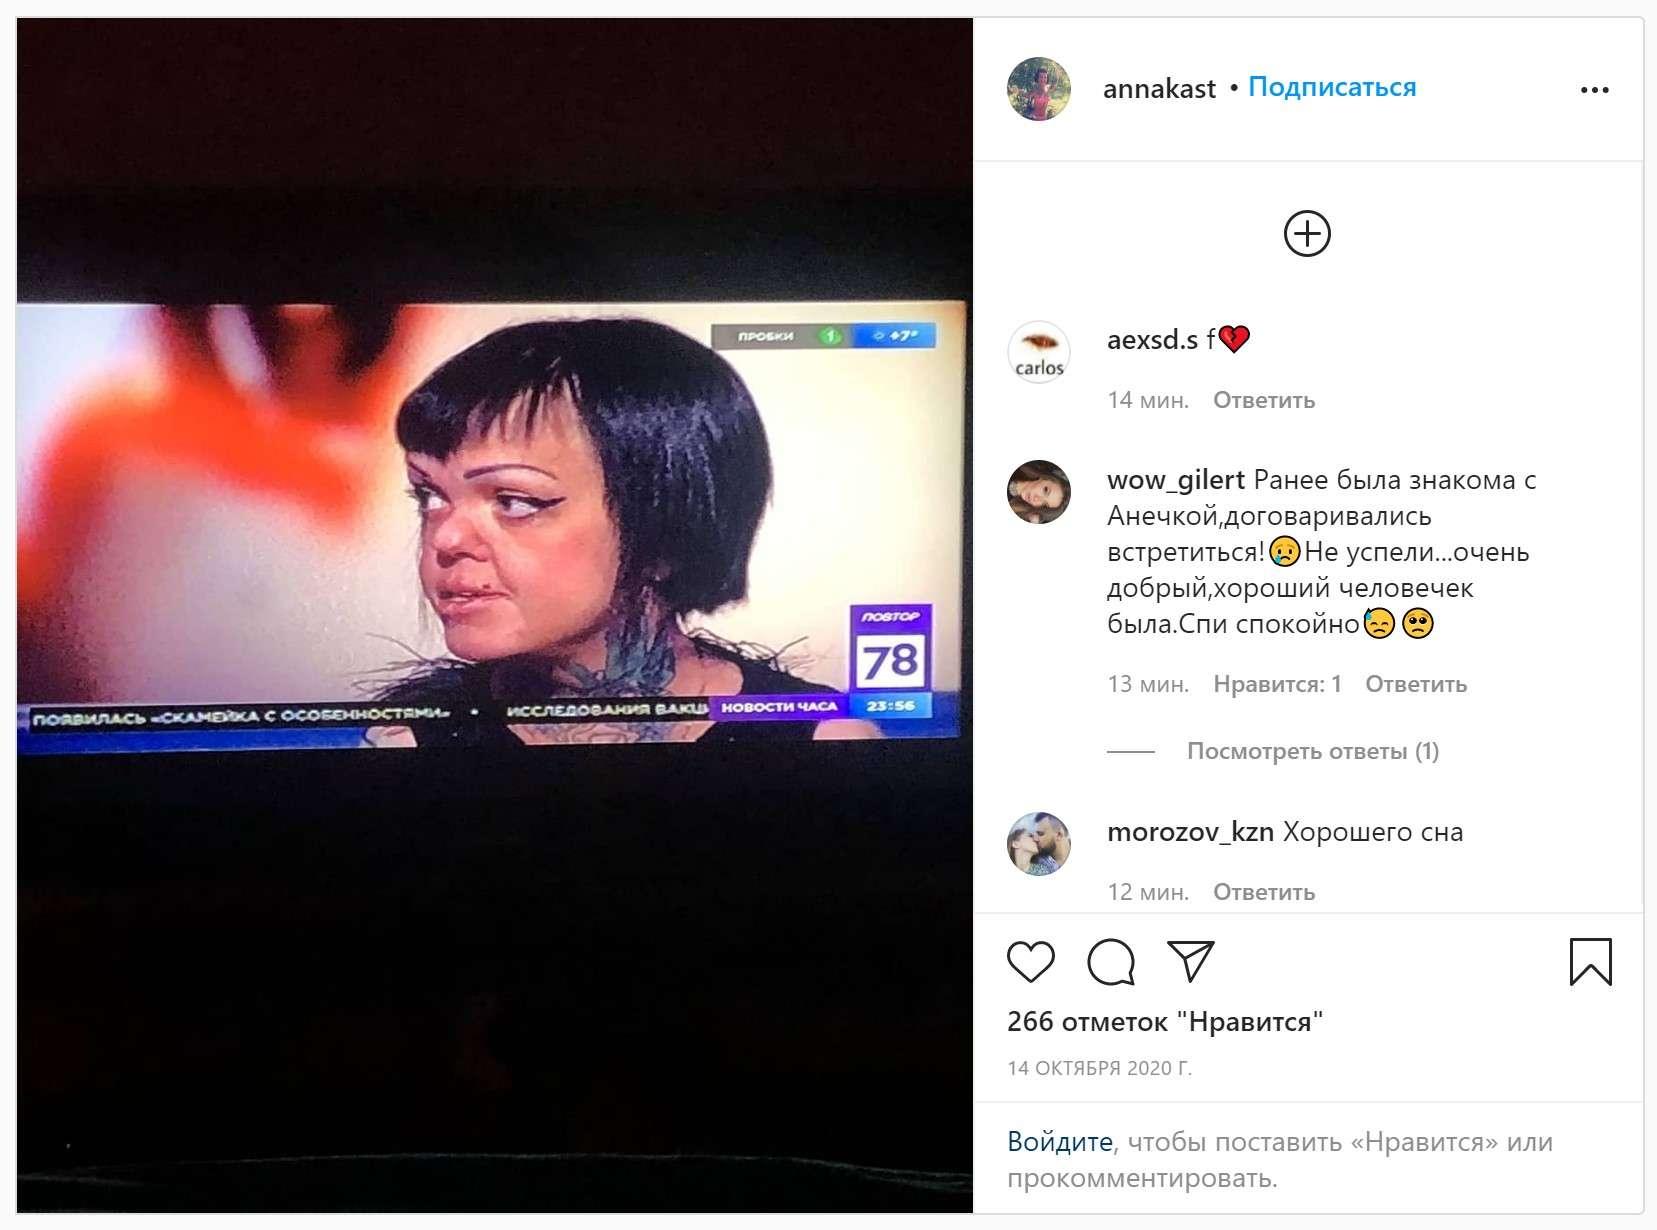 Бывшая участница Little Big Анна Кастельянос найдена мертвой в своей квартире